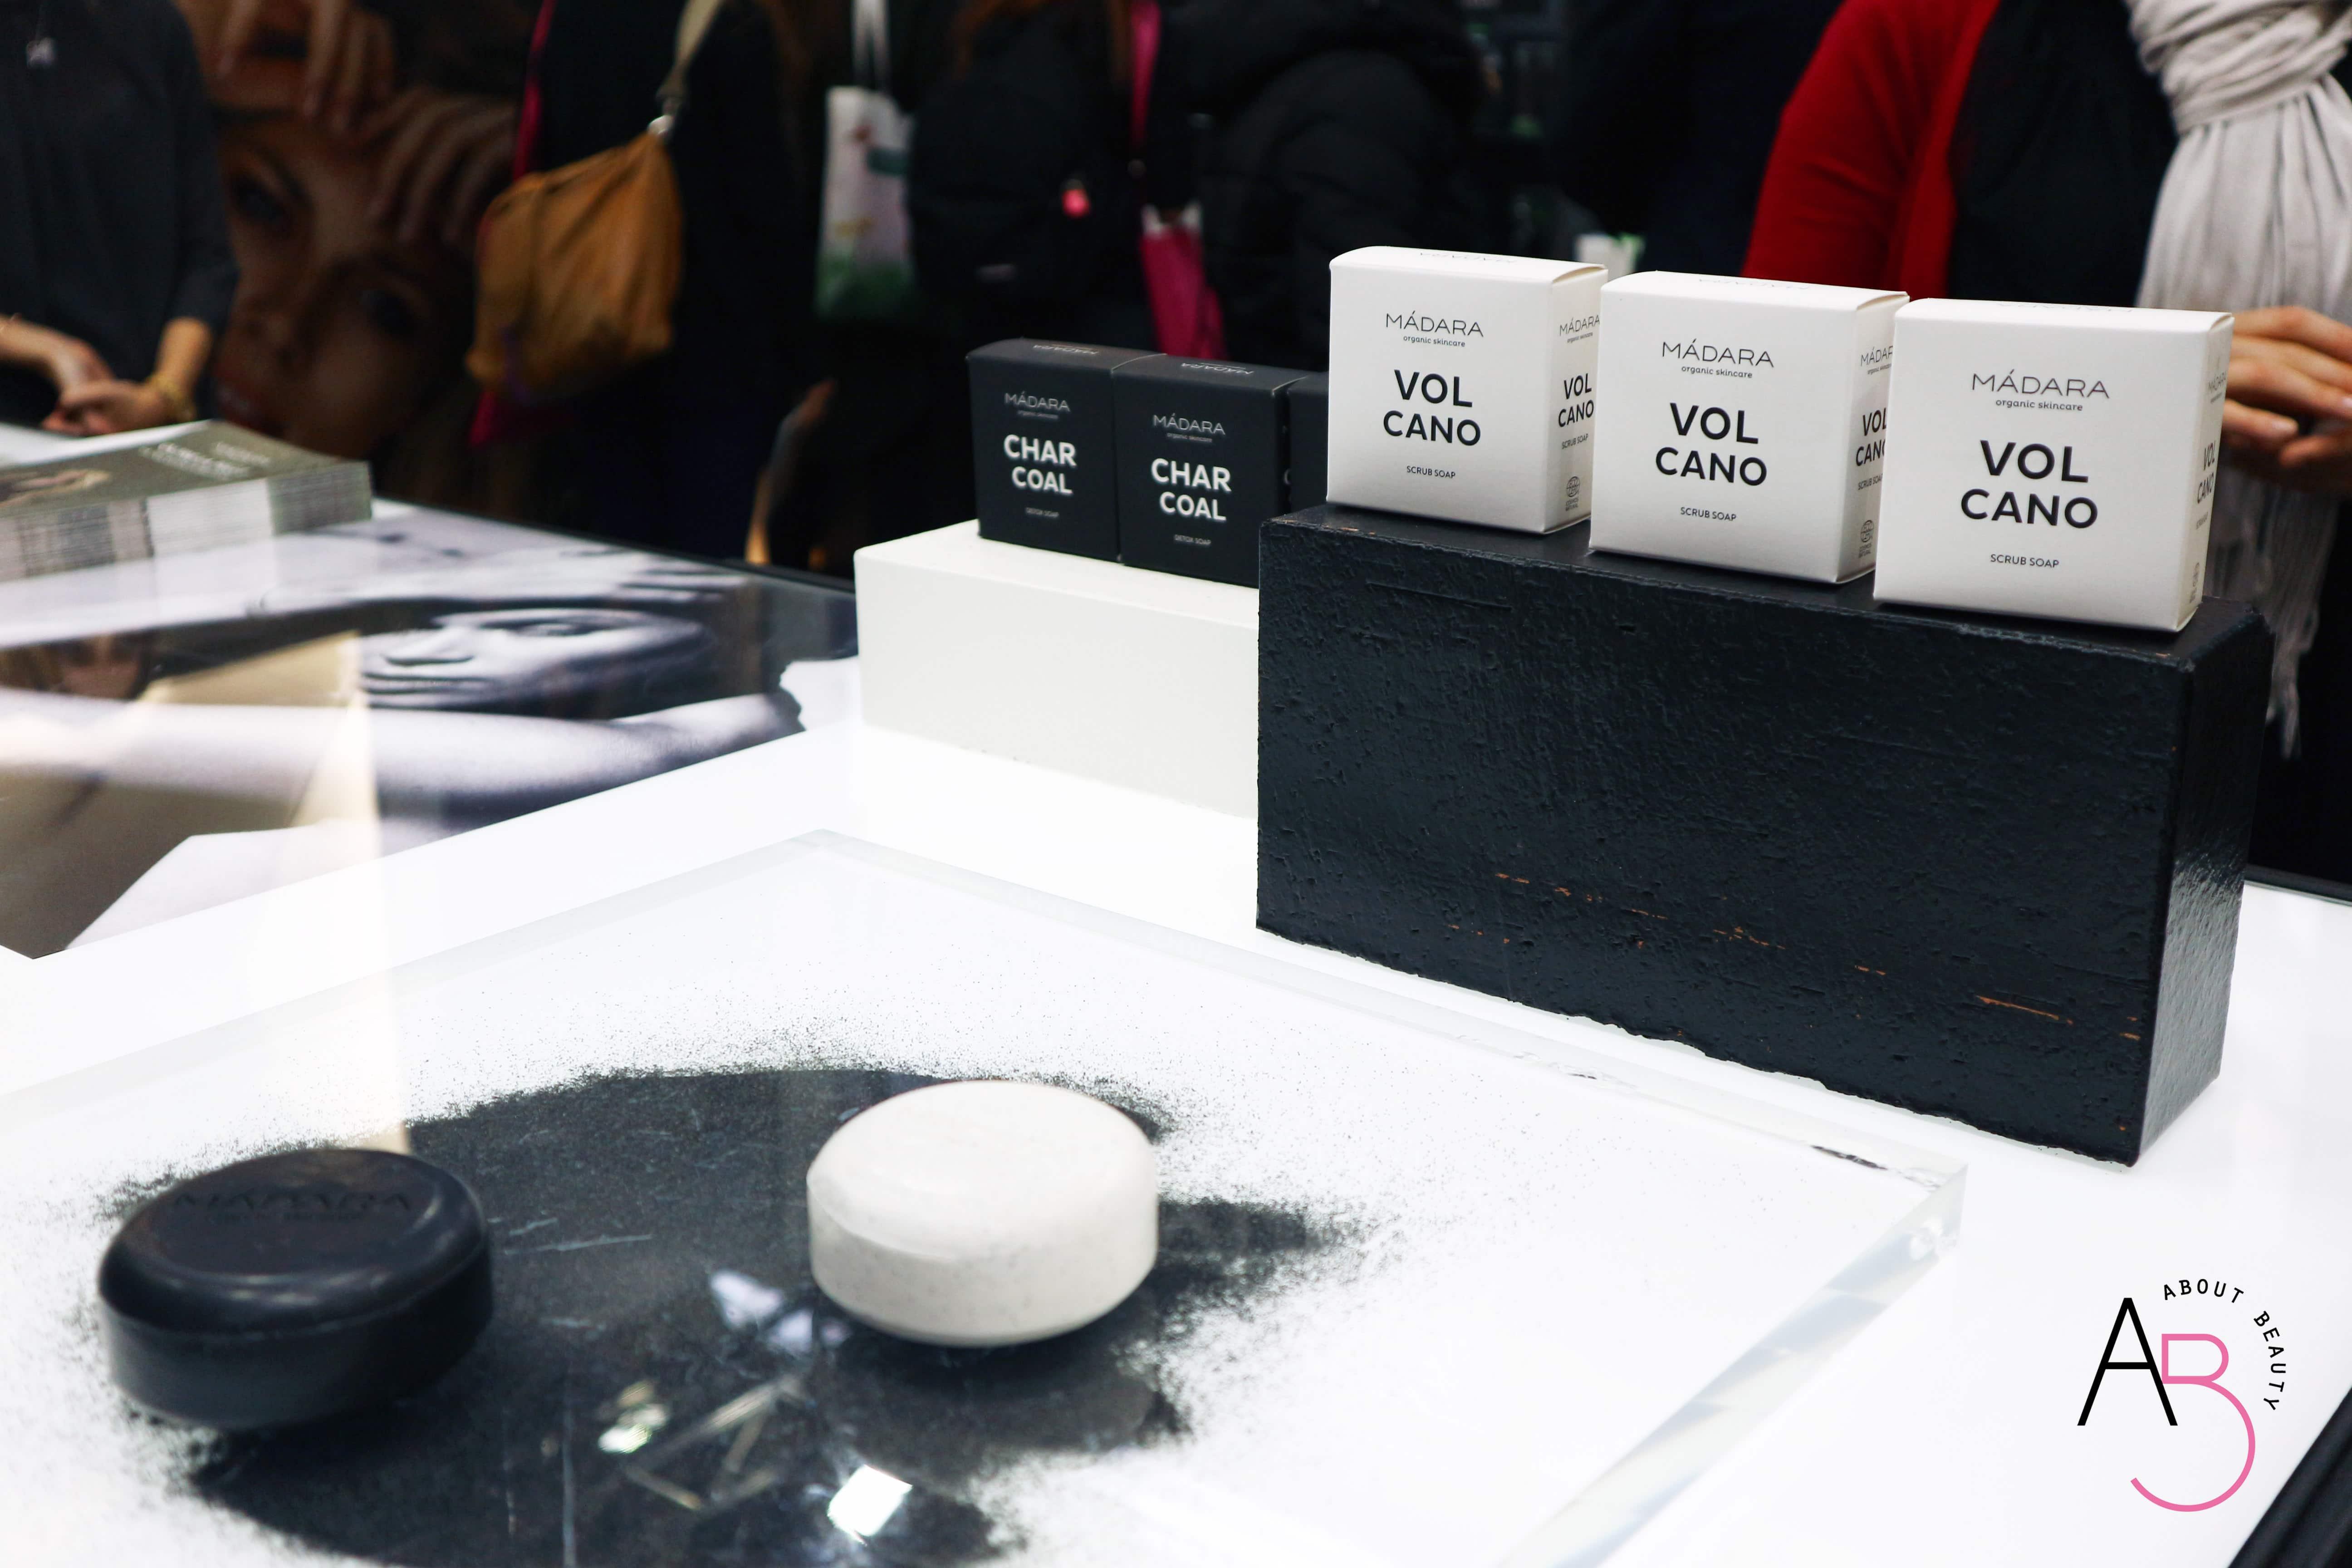 Pillole dal Cosmoprof #2 - Madara e Lavera - Madara Boost Hyaluronic Collagen review, recensione, info, prezzo, dove acquistare - Saponi Volcano Soap